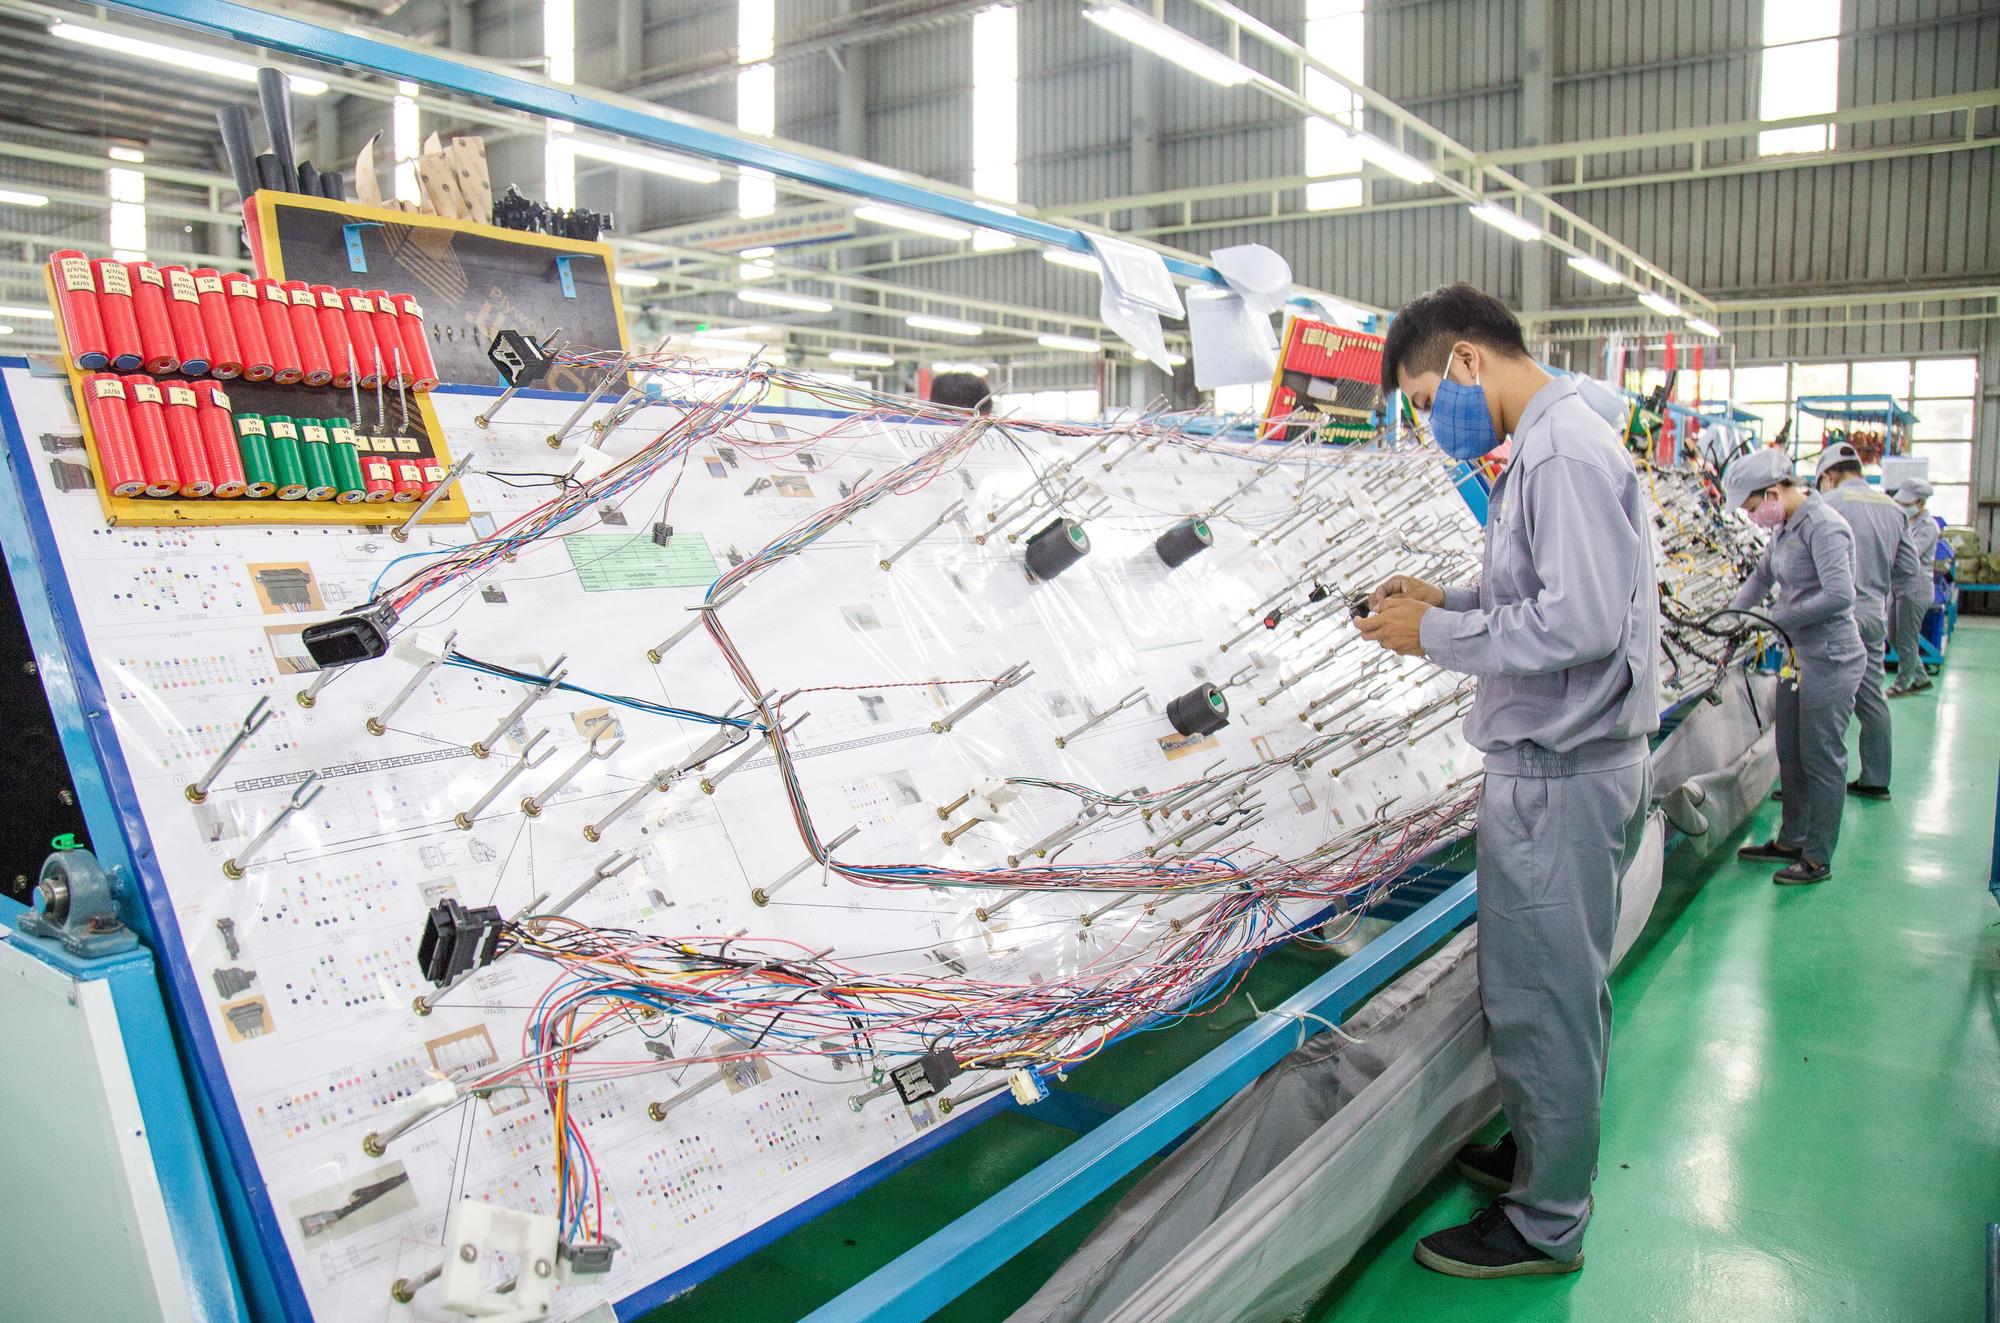 Thaco Auto - Điểm sáng trong ngành công nghiệp hỗ trợ - Ảnh 1.